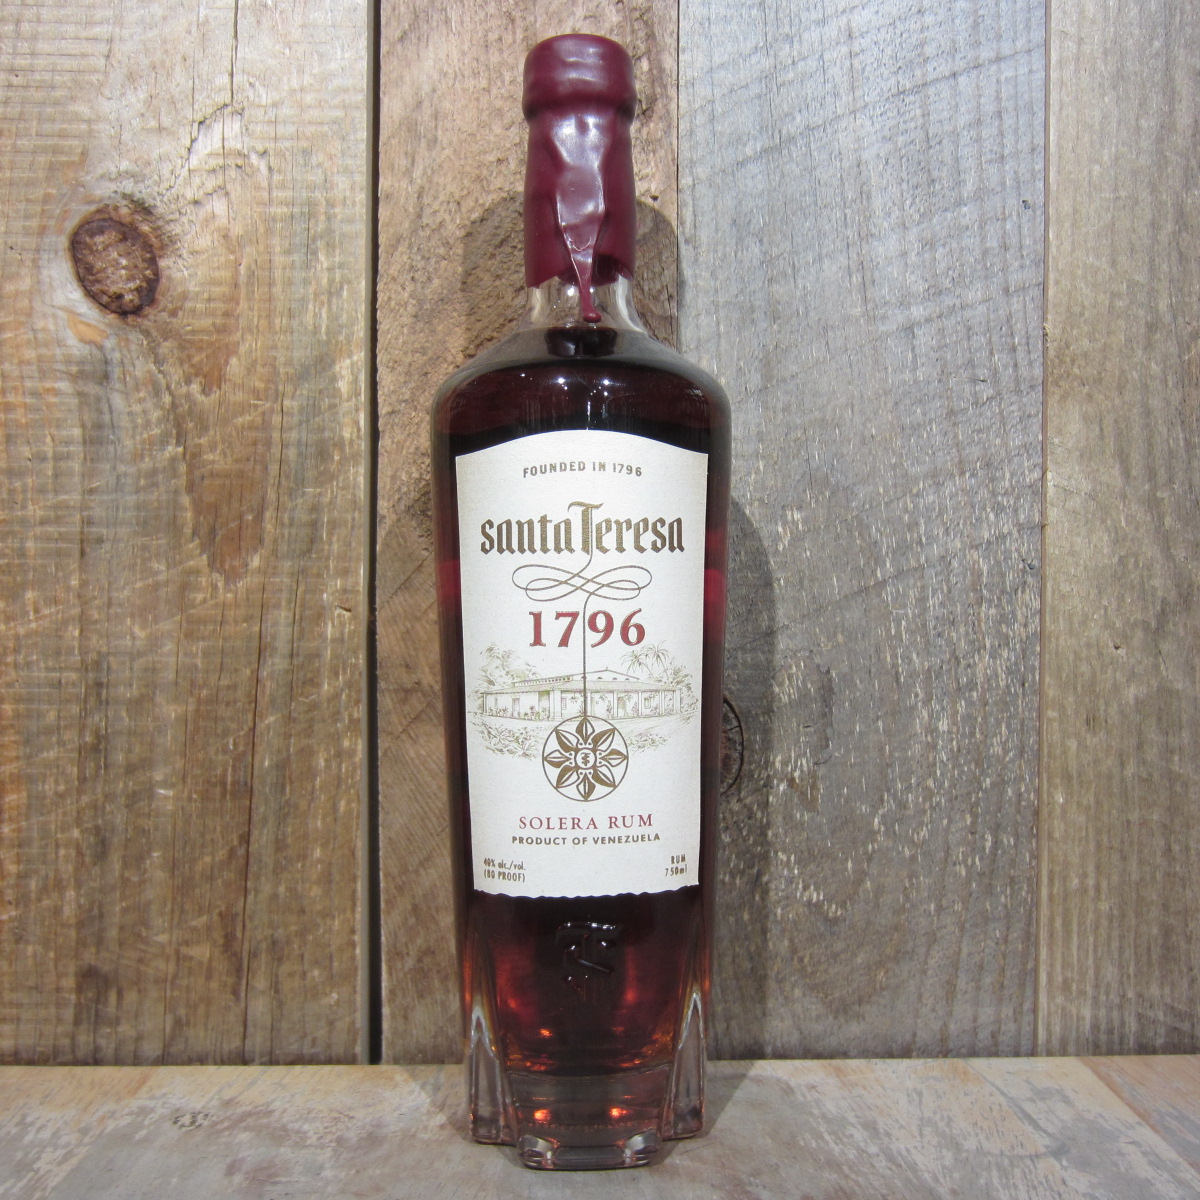 Santa Teresa 1796 Rum 750ml